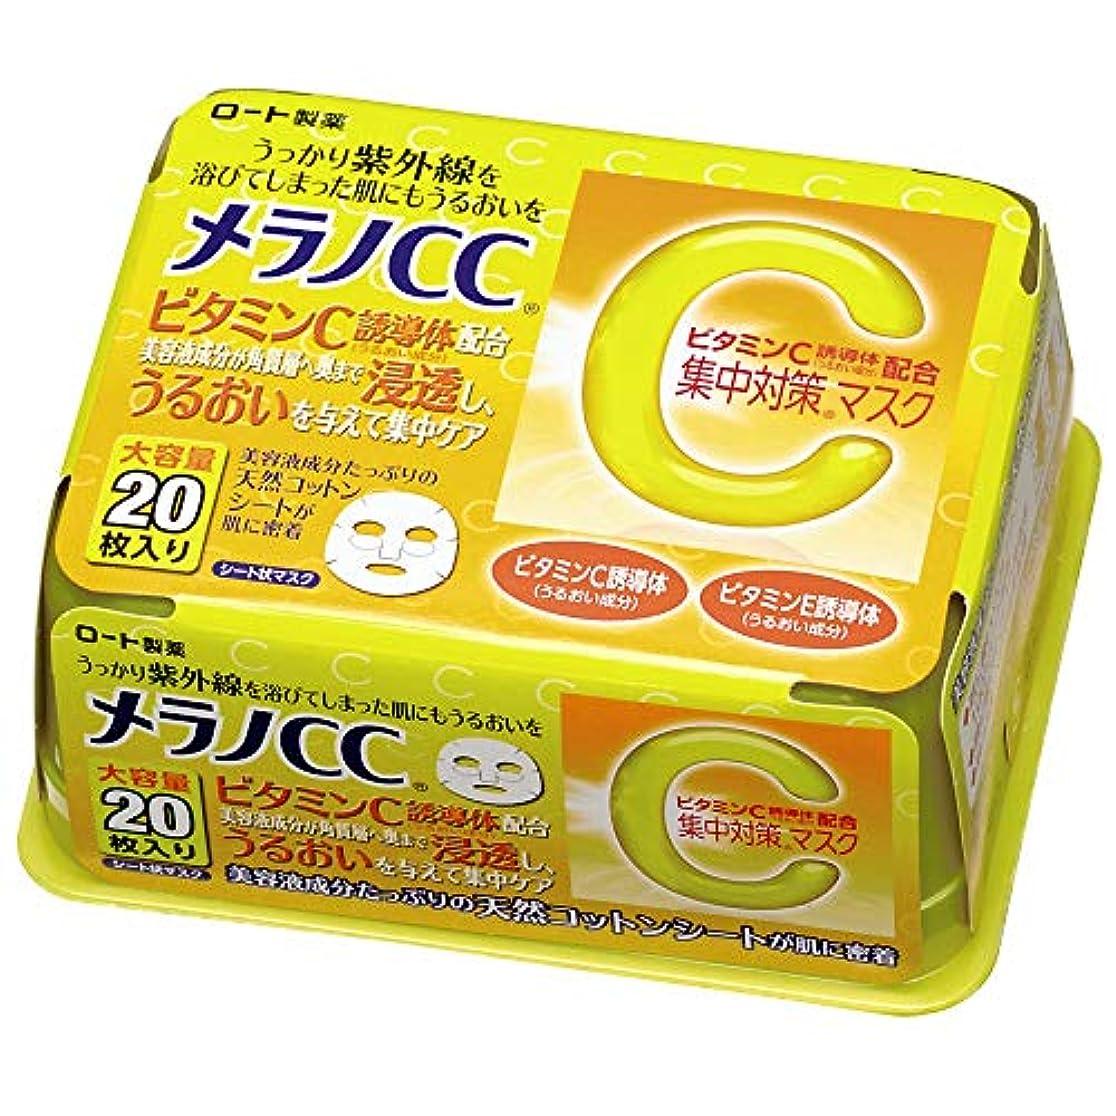 サンダル容器気味の悪いメラノCC ビタミンC配合 紫外線集中対策浸透 マスク 20枚 195mL